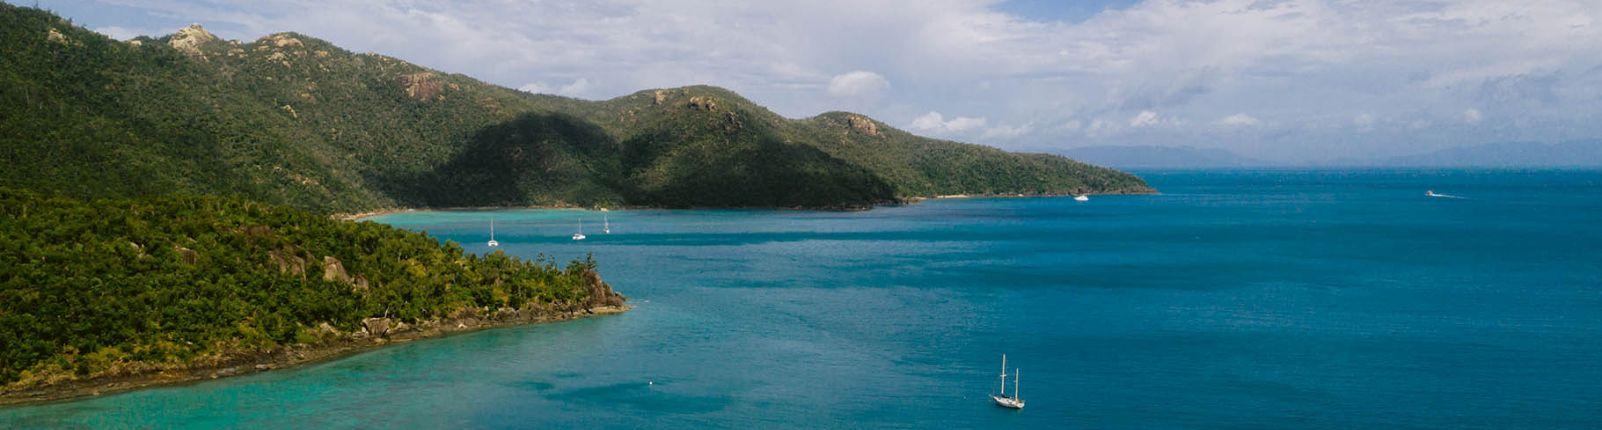 Cruising the Whitsunday Islands